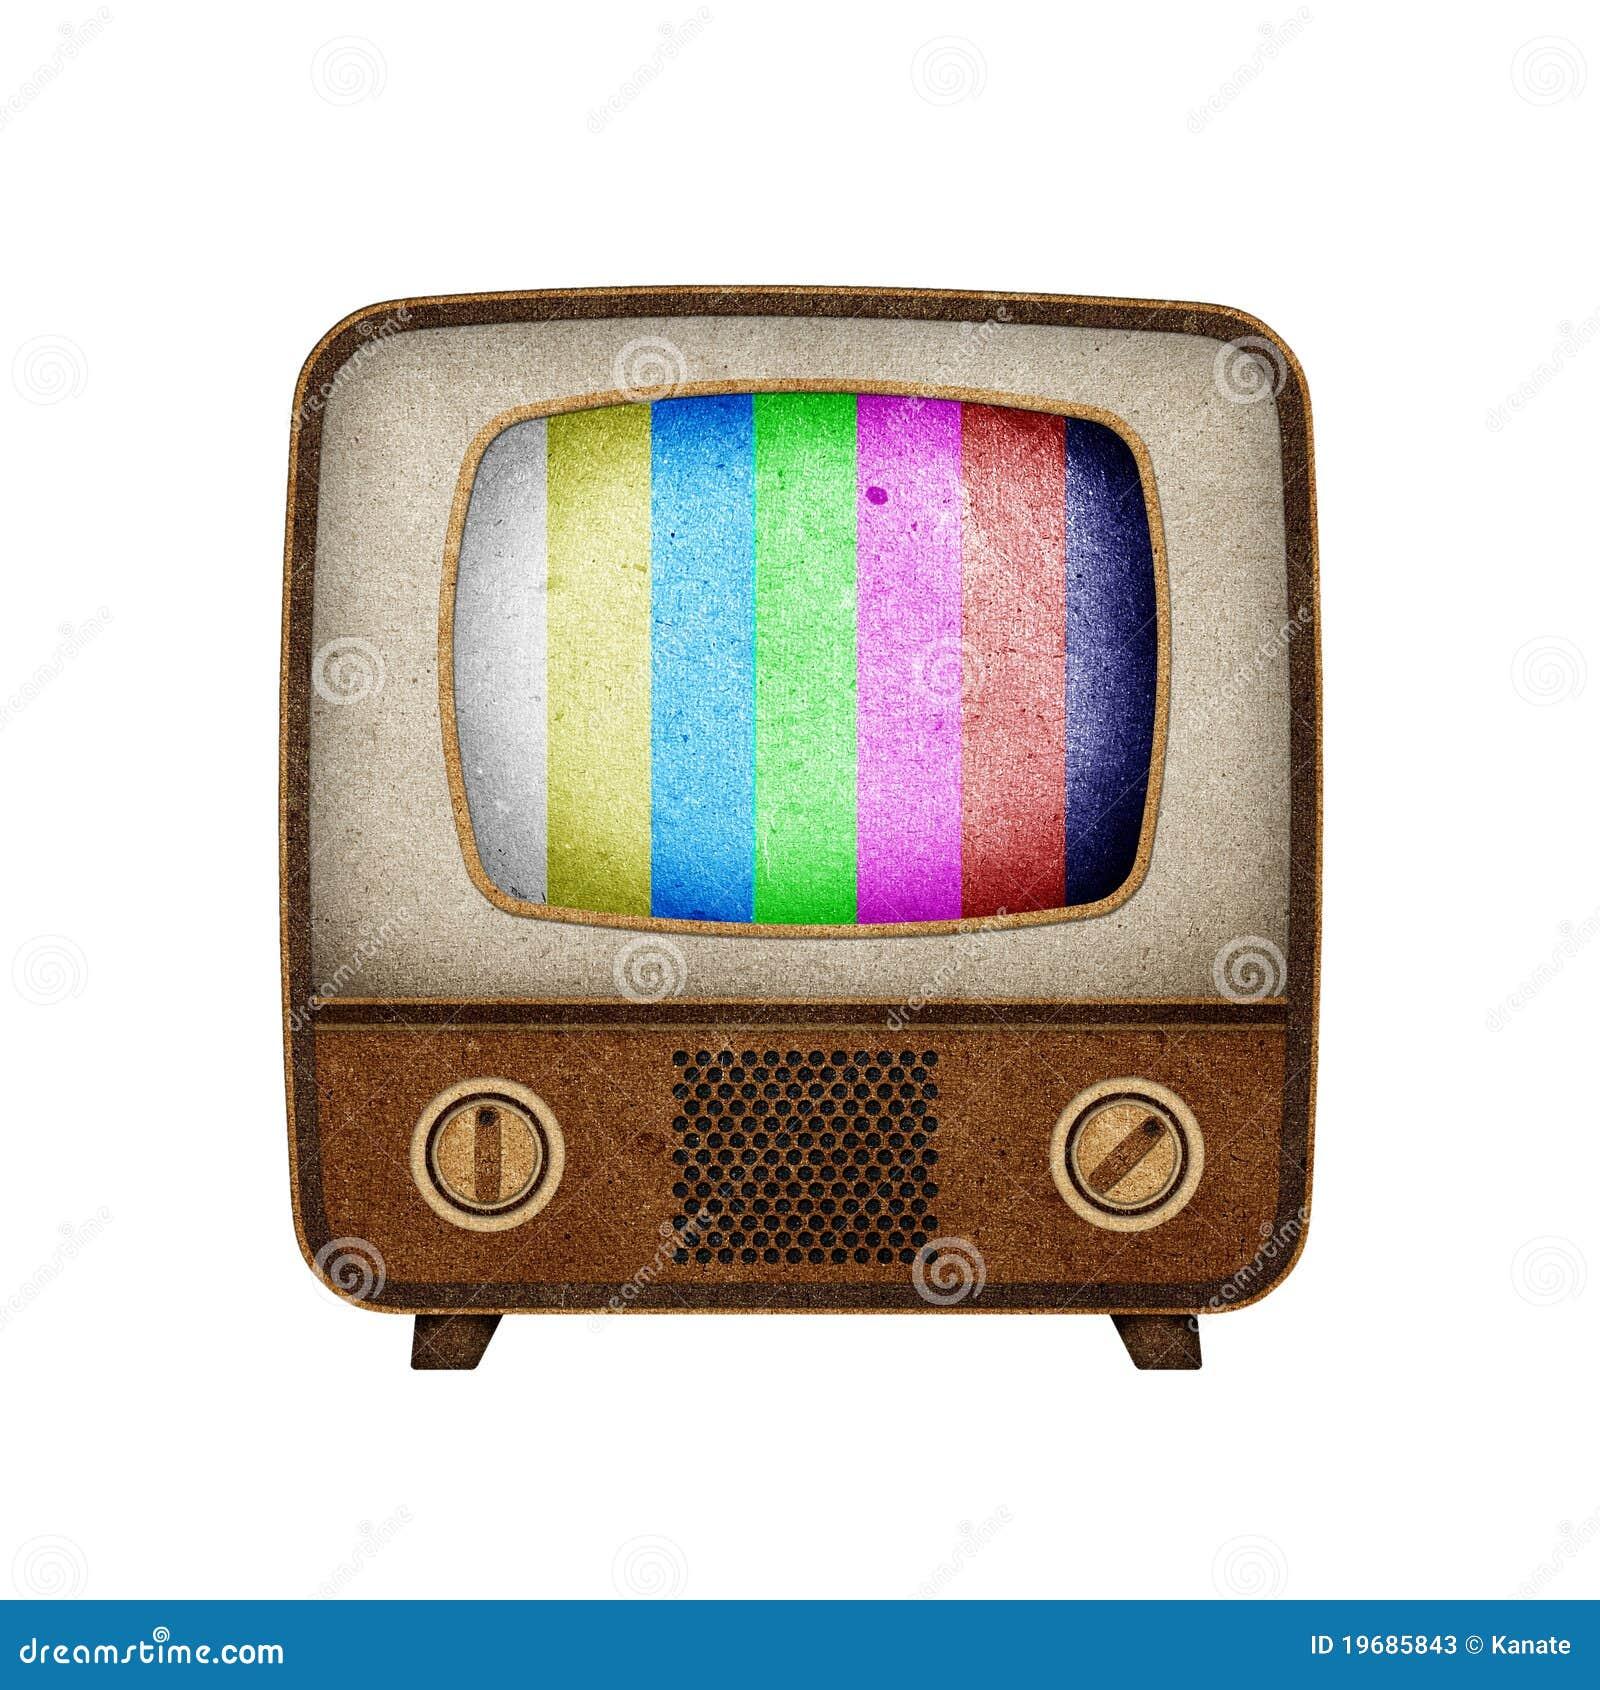 Television essays